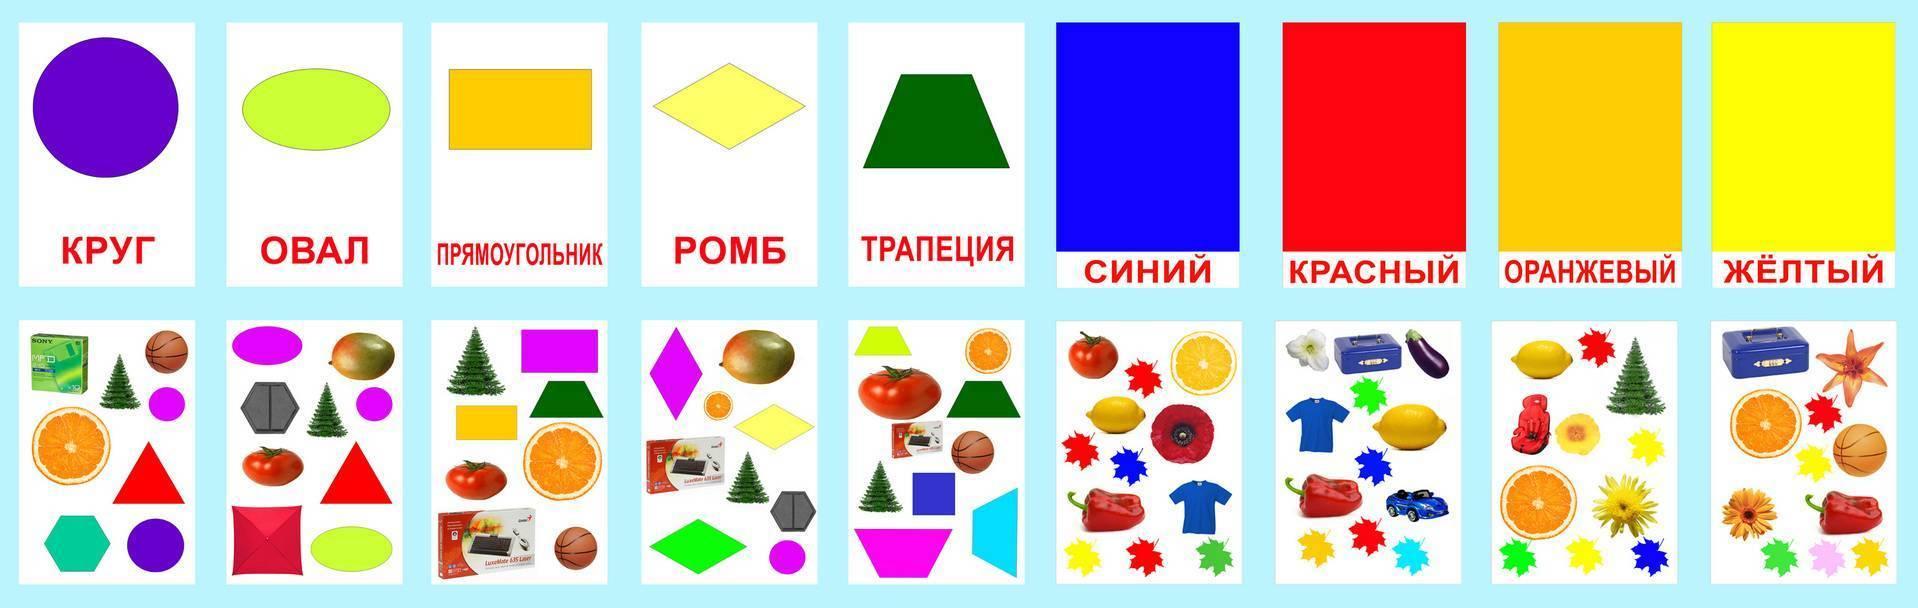 Методическая разработка по математике (старшая группа) на тему:  влияние дидактический игр и упражнений на формирование представлений у старших дошкольников о геометрических фигурах и форме предметов | социальная сеть работников образования